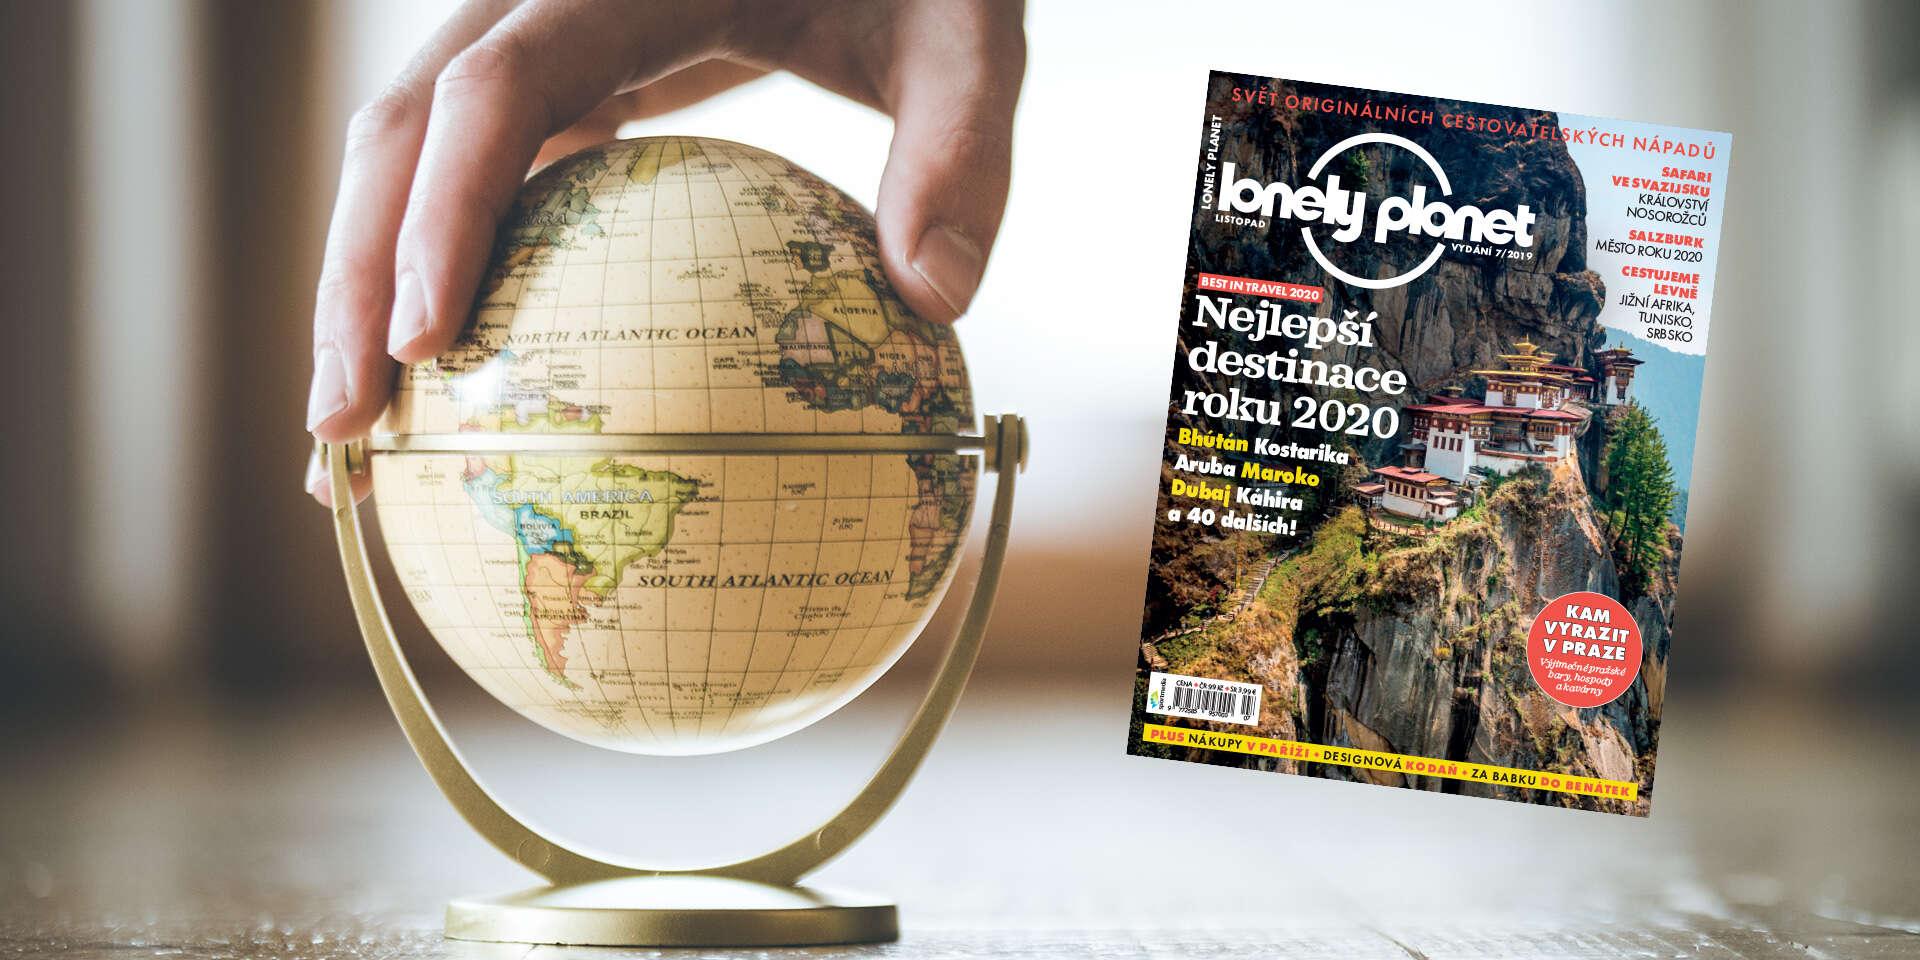 Magazín pre nadšencov cestovania - 6 vydaní časopisu Lonely Plane...